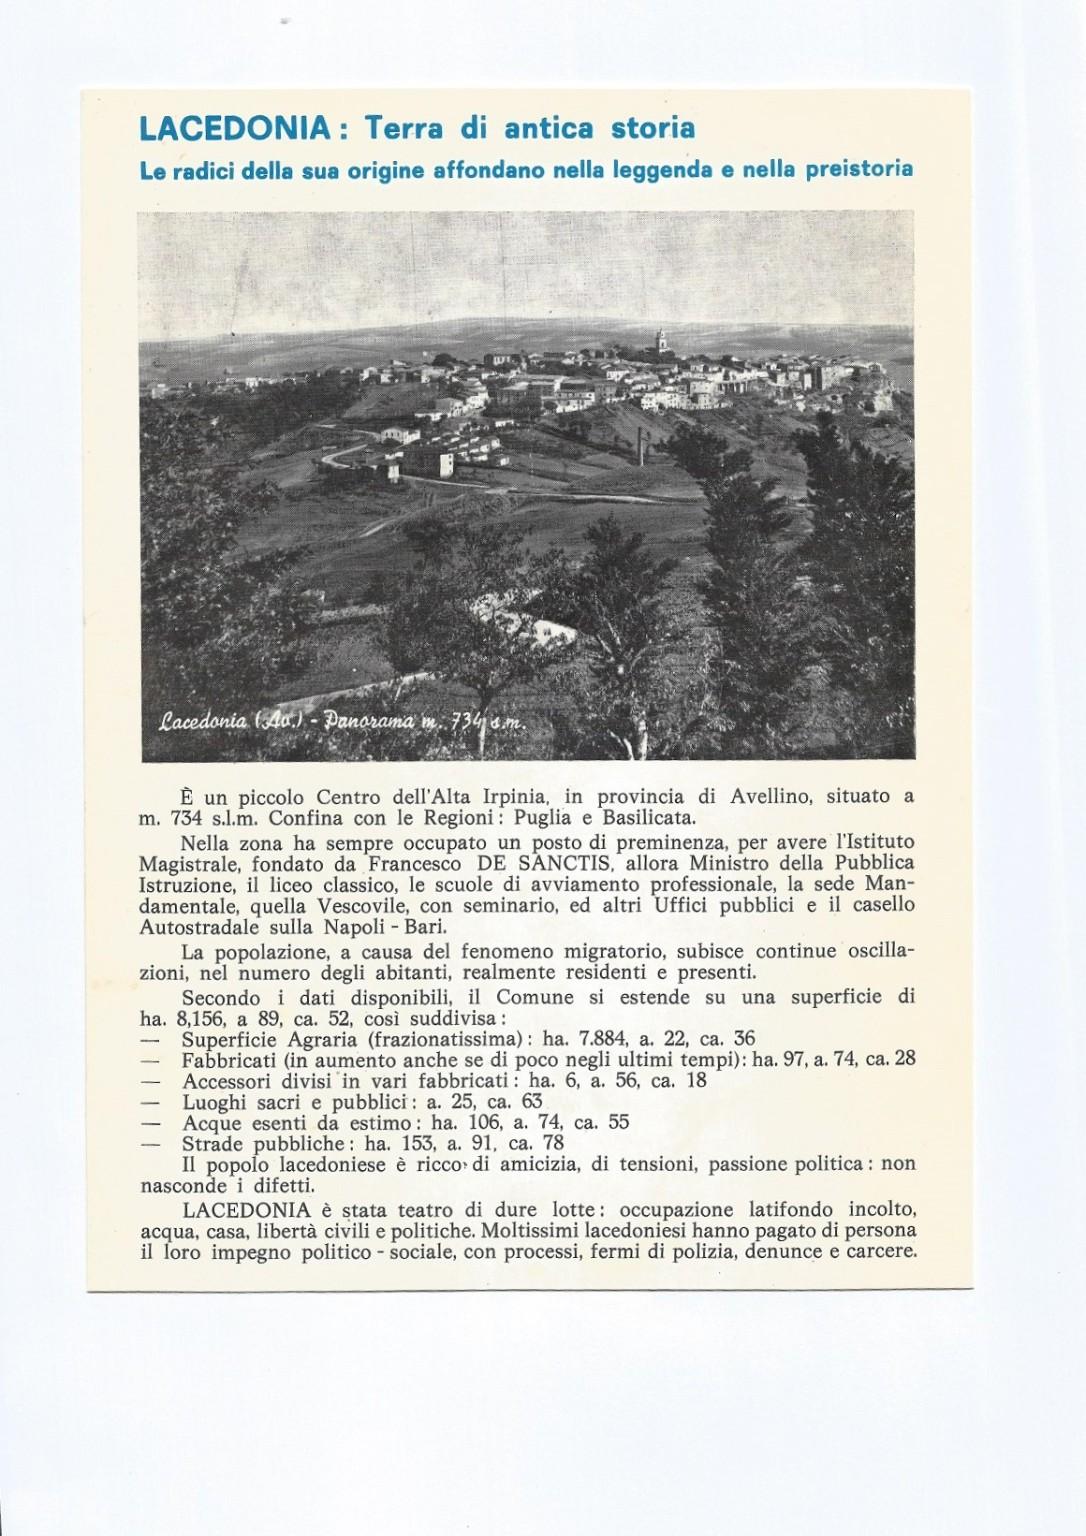 lacedonia terrra (2).jpg